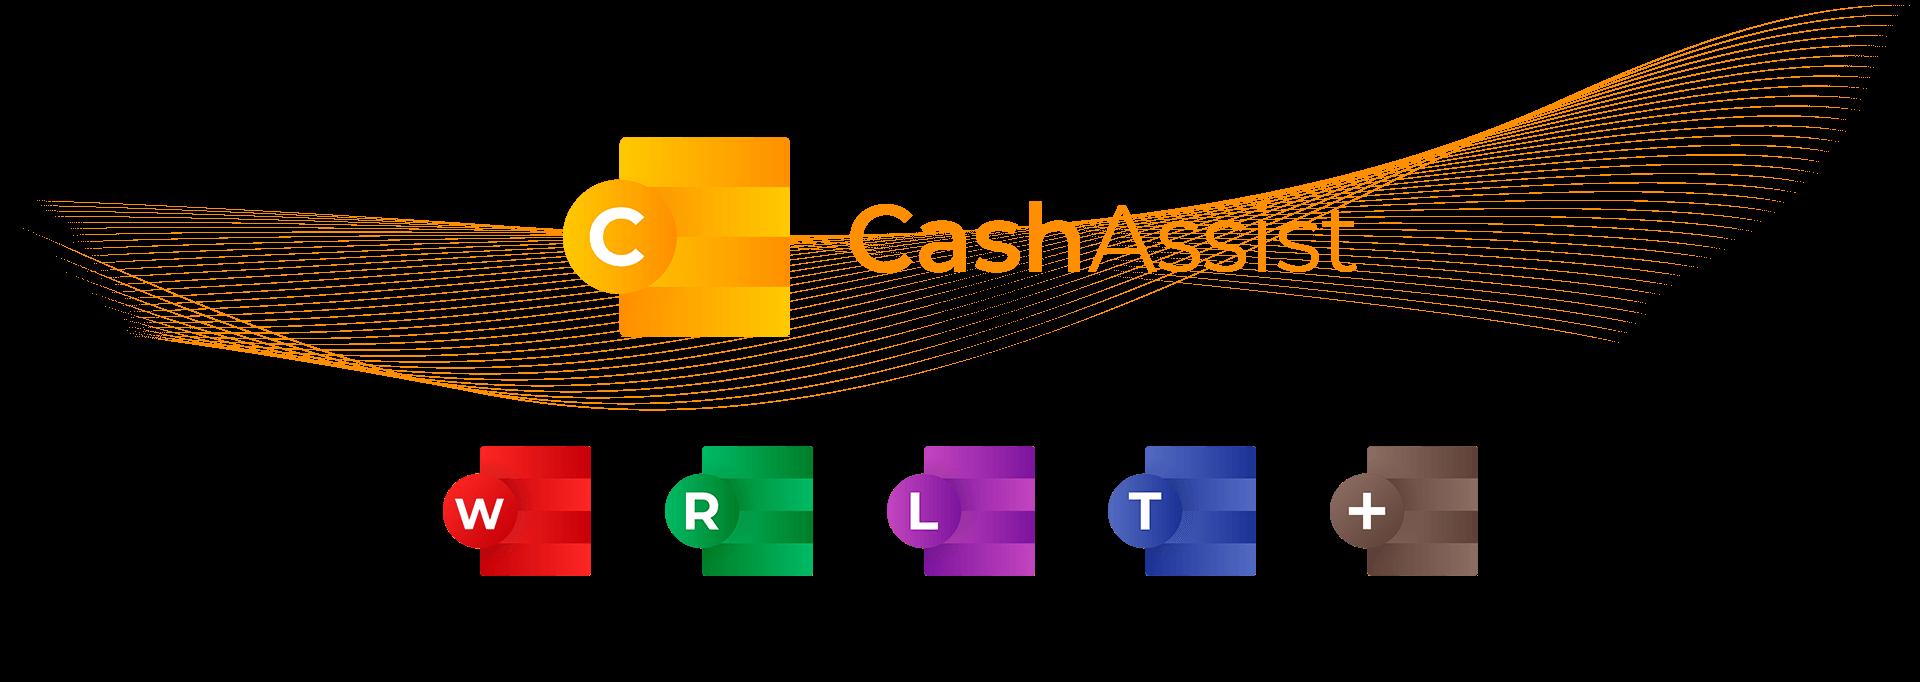 CashAssist Bäckerei Kassensystem in Action